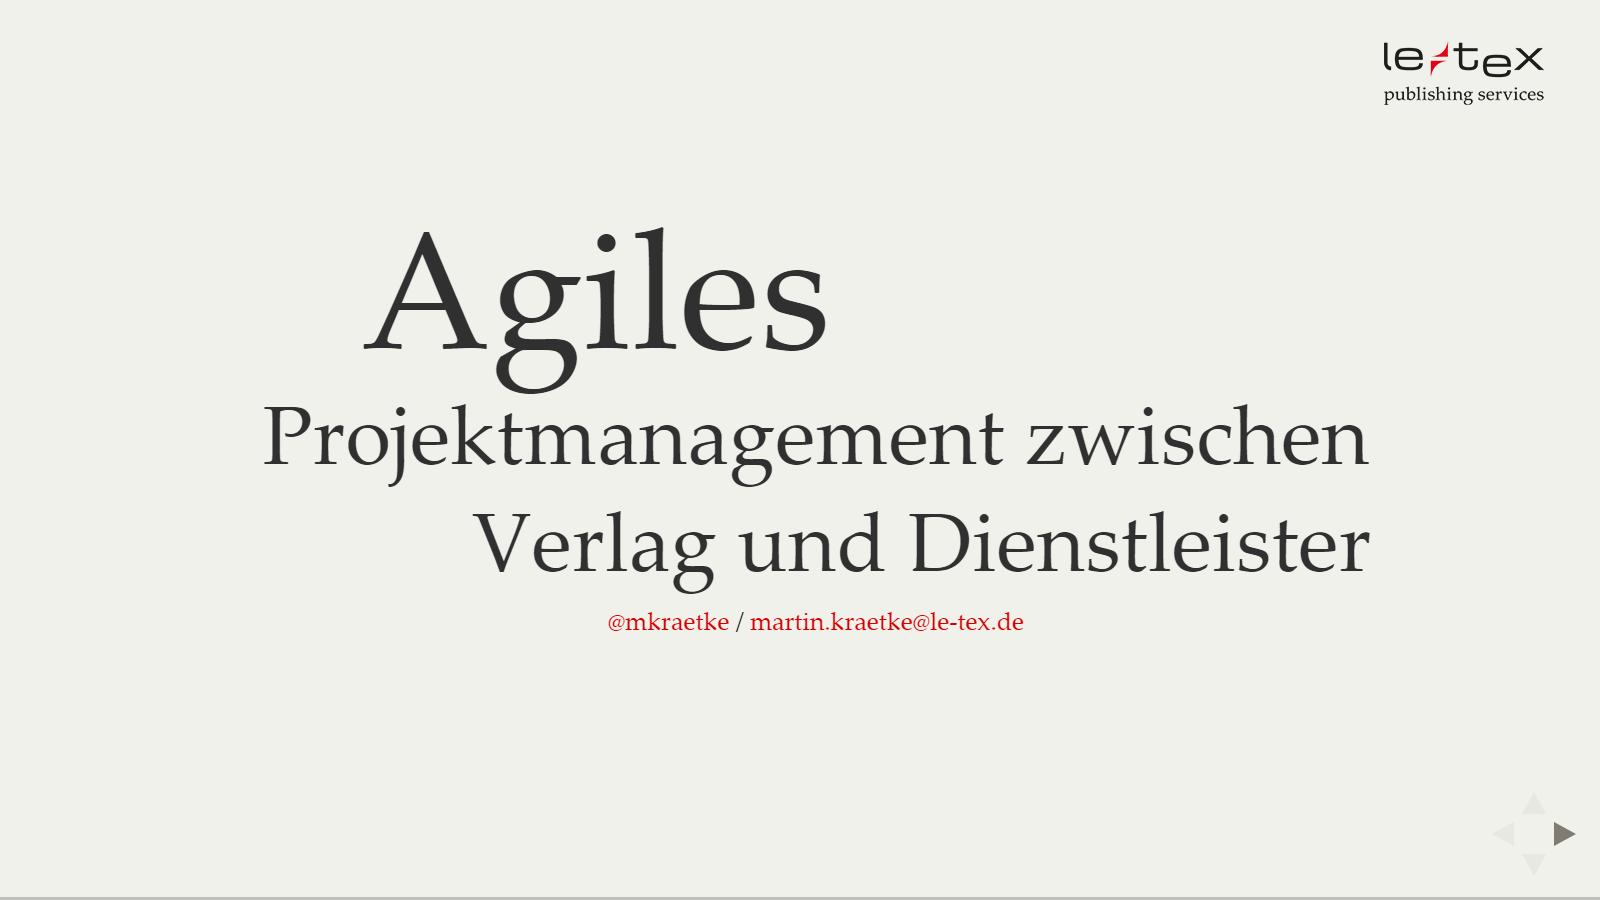 agiles-pm-verlag-dienstleister